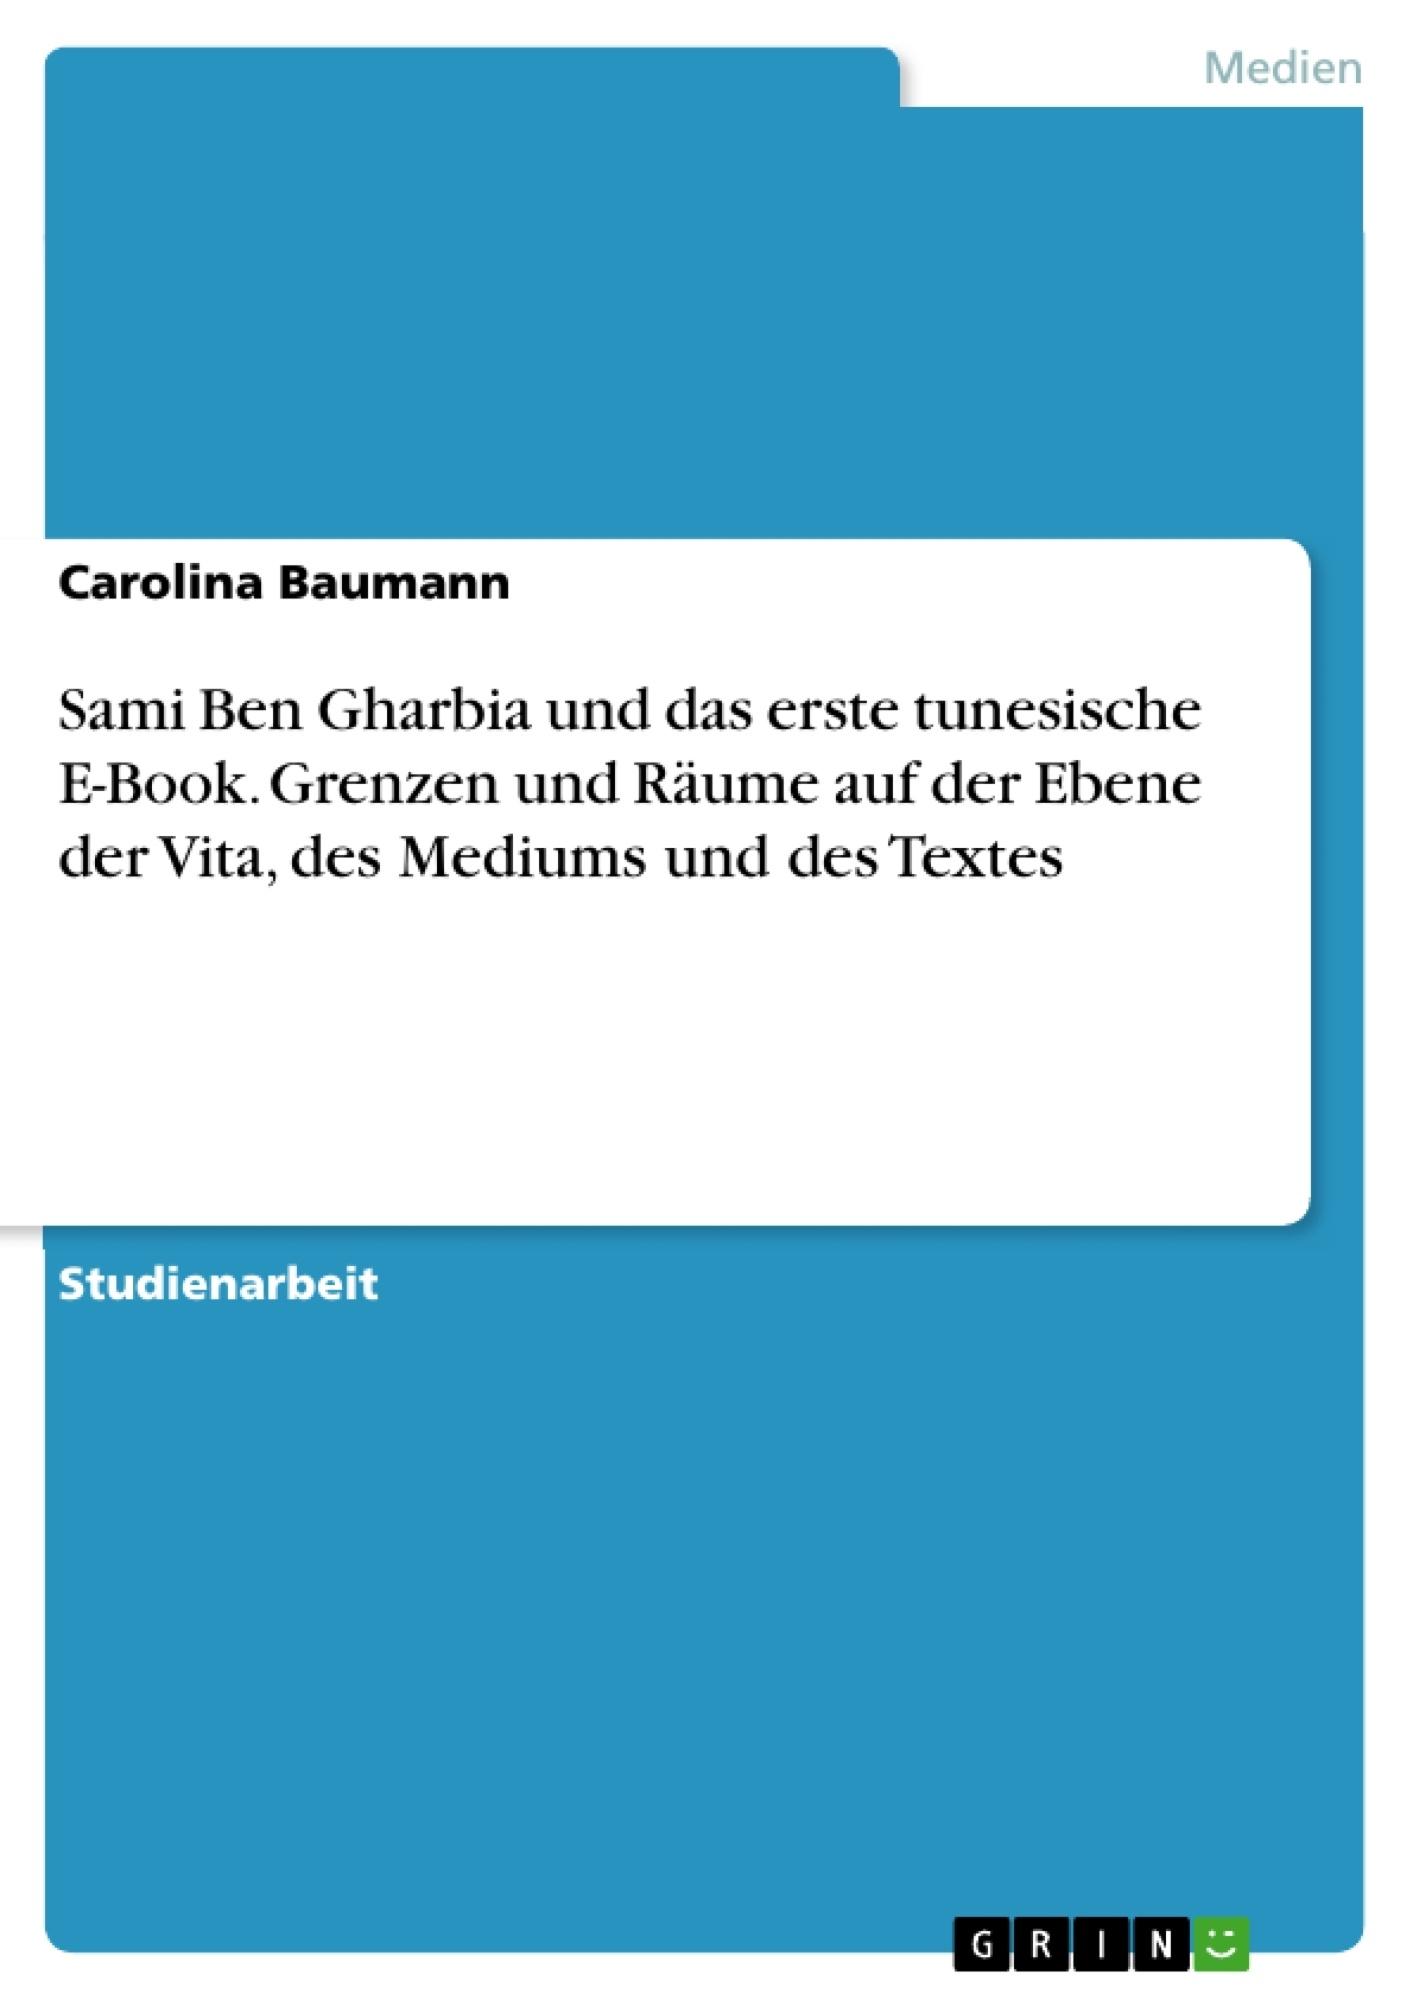 Titel: Sami Ben Gharbia und das erste tunesische E-Book. Grenzen und Räume auf der Ebene der Vita, des Mediums und des Textes